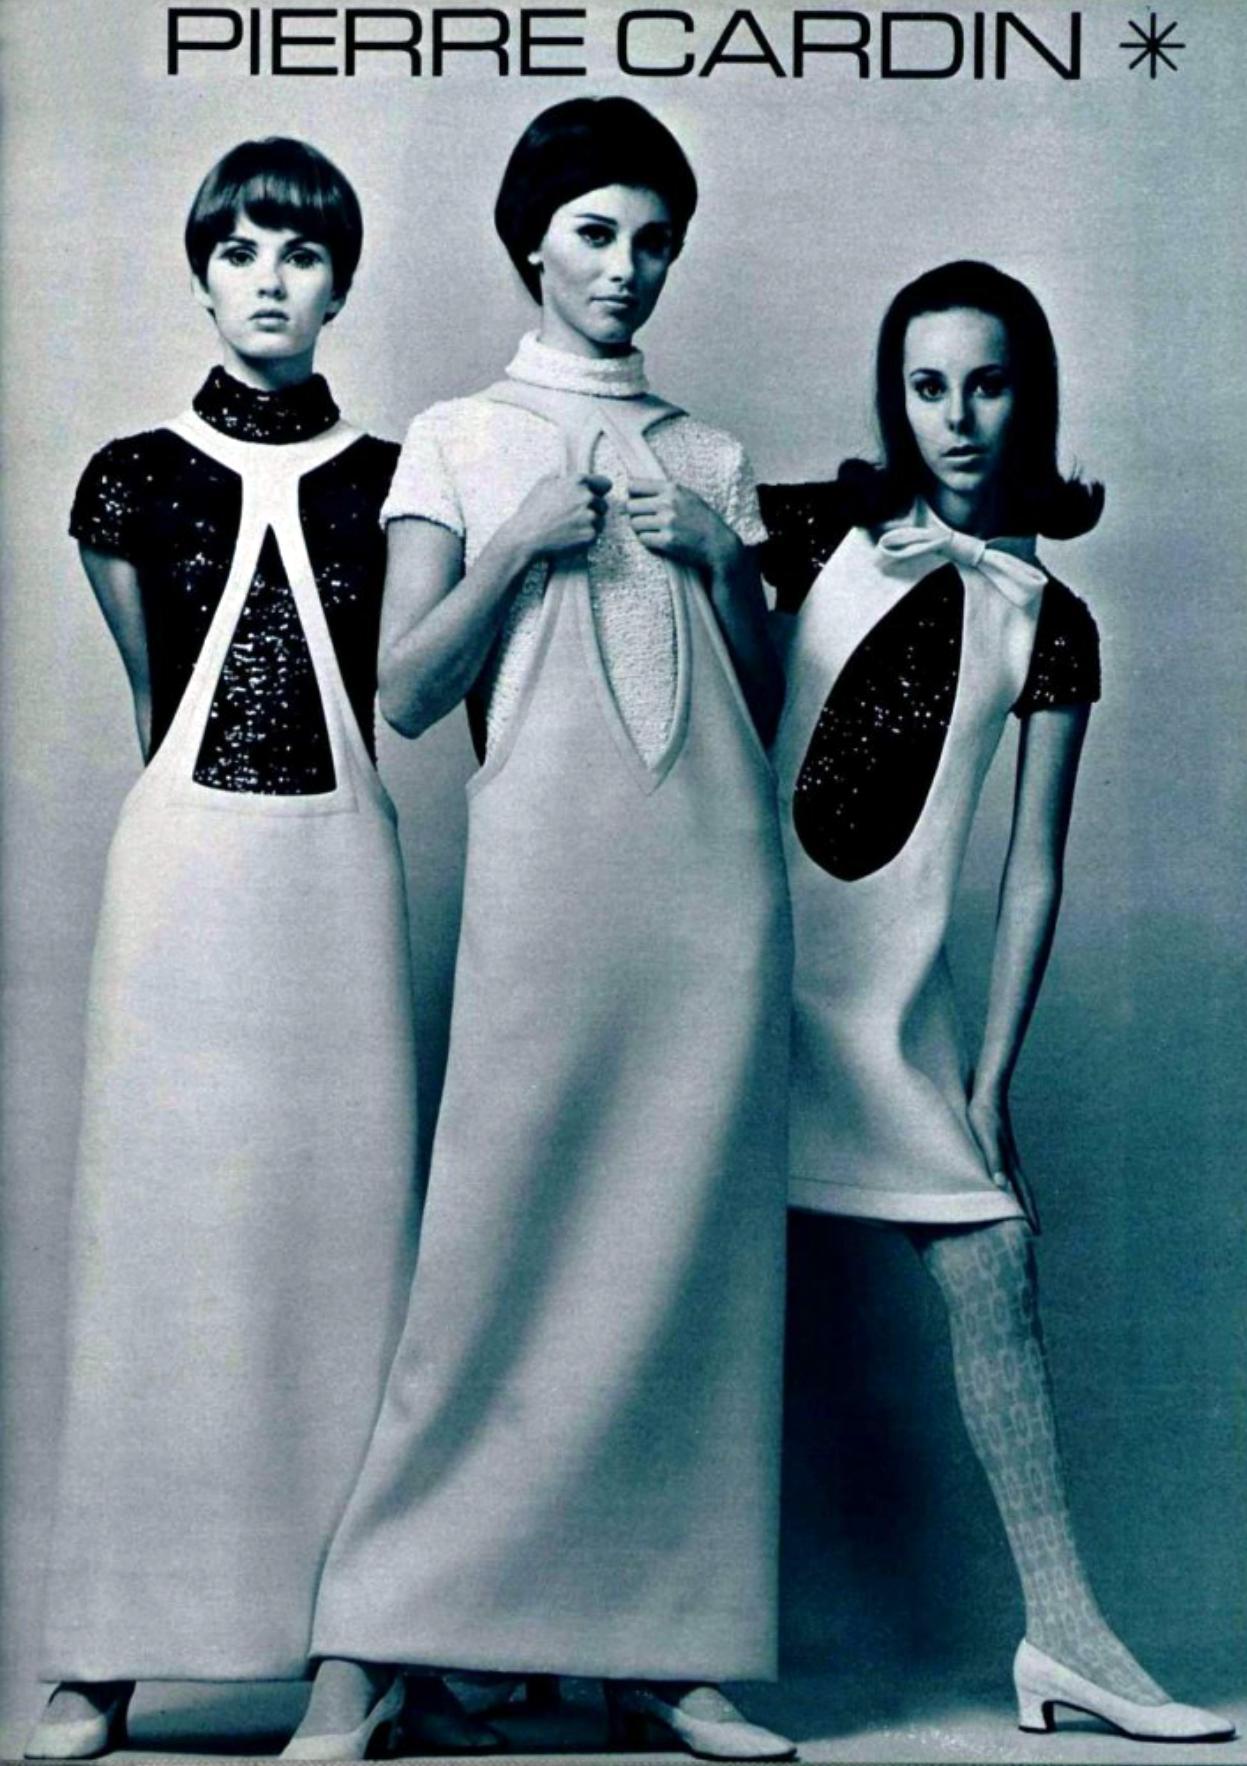 fotos moda futurista años 60:pierre cardin ropa 6